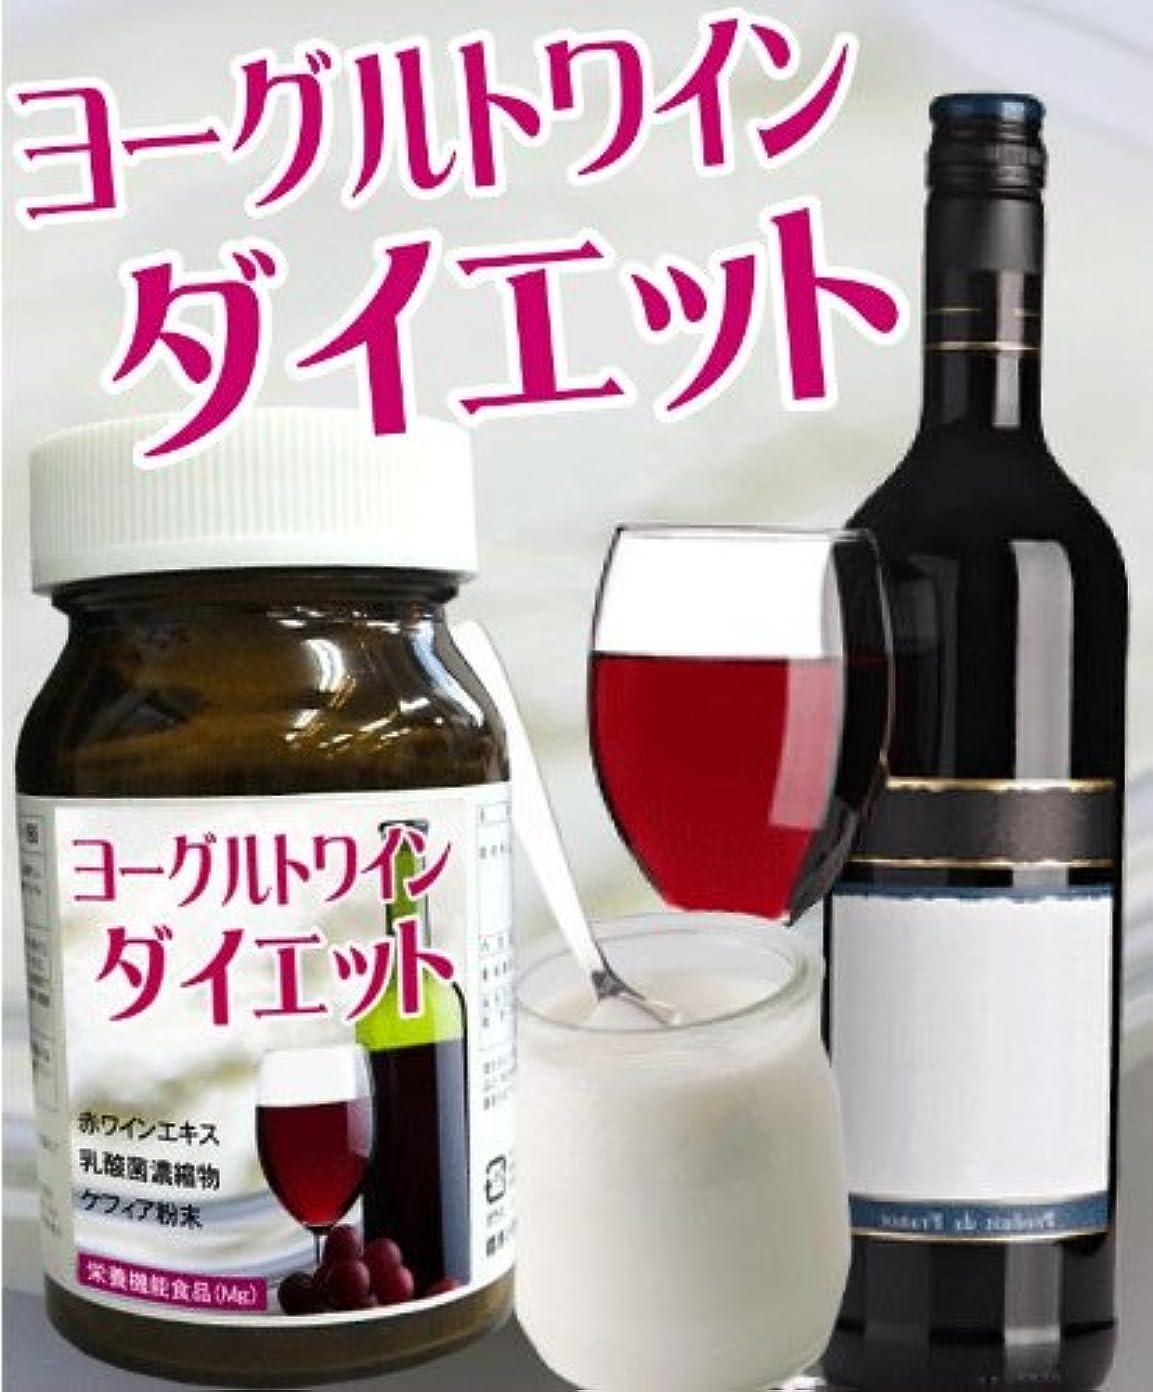 ディプロマ唇遺棄されたヨーグルトワインダイエット 3個セット